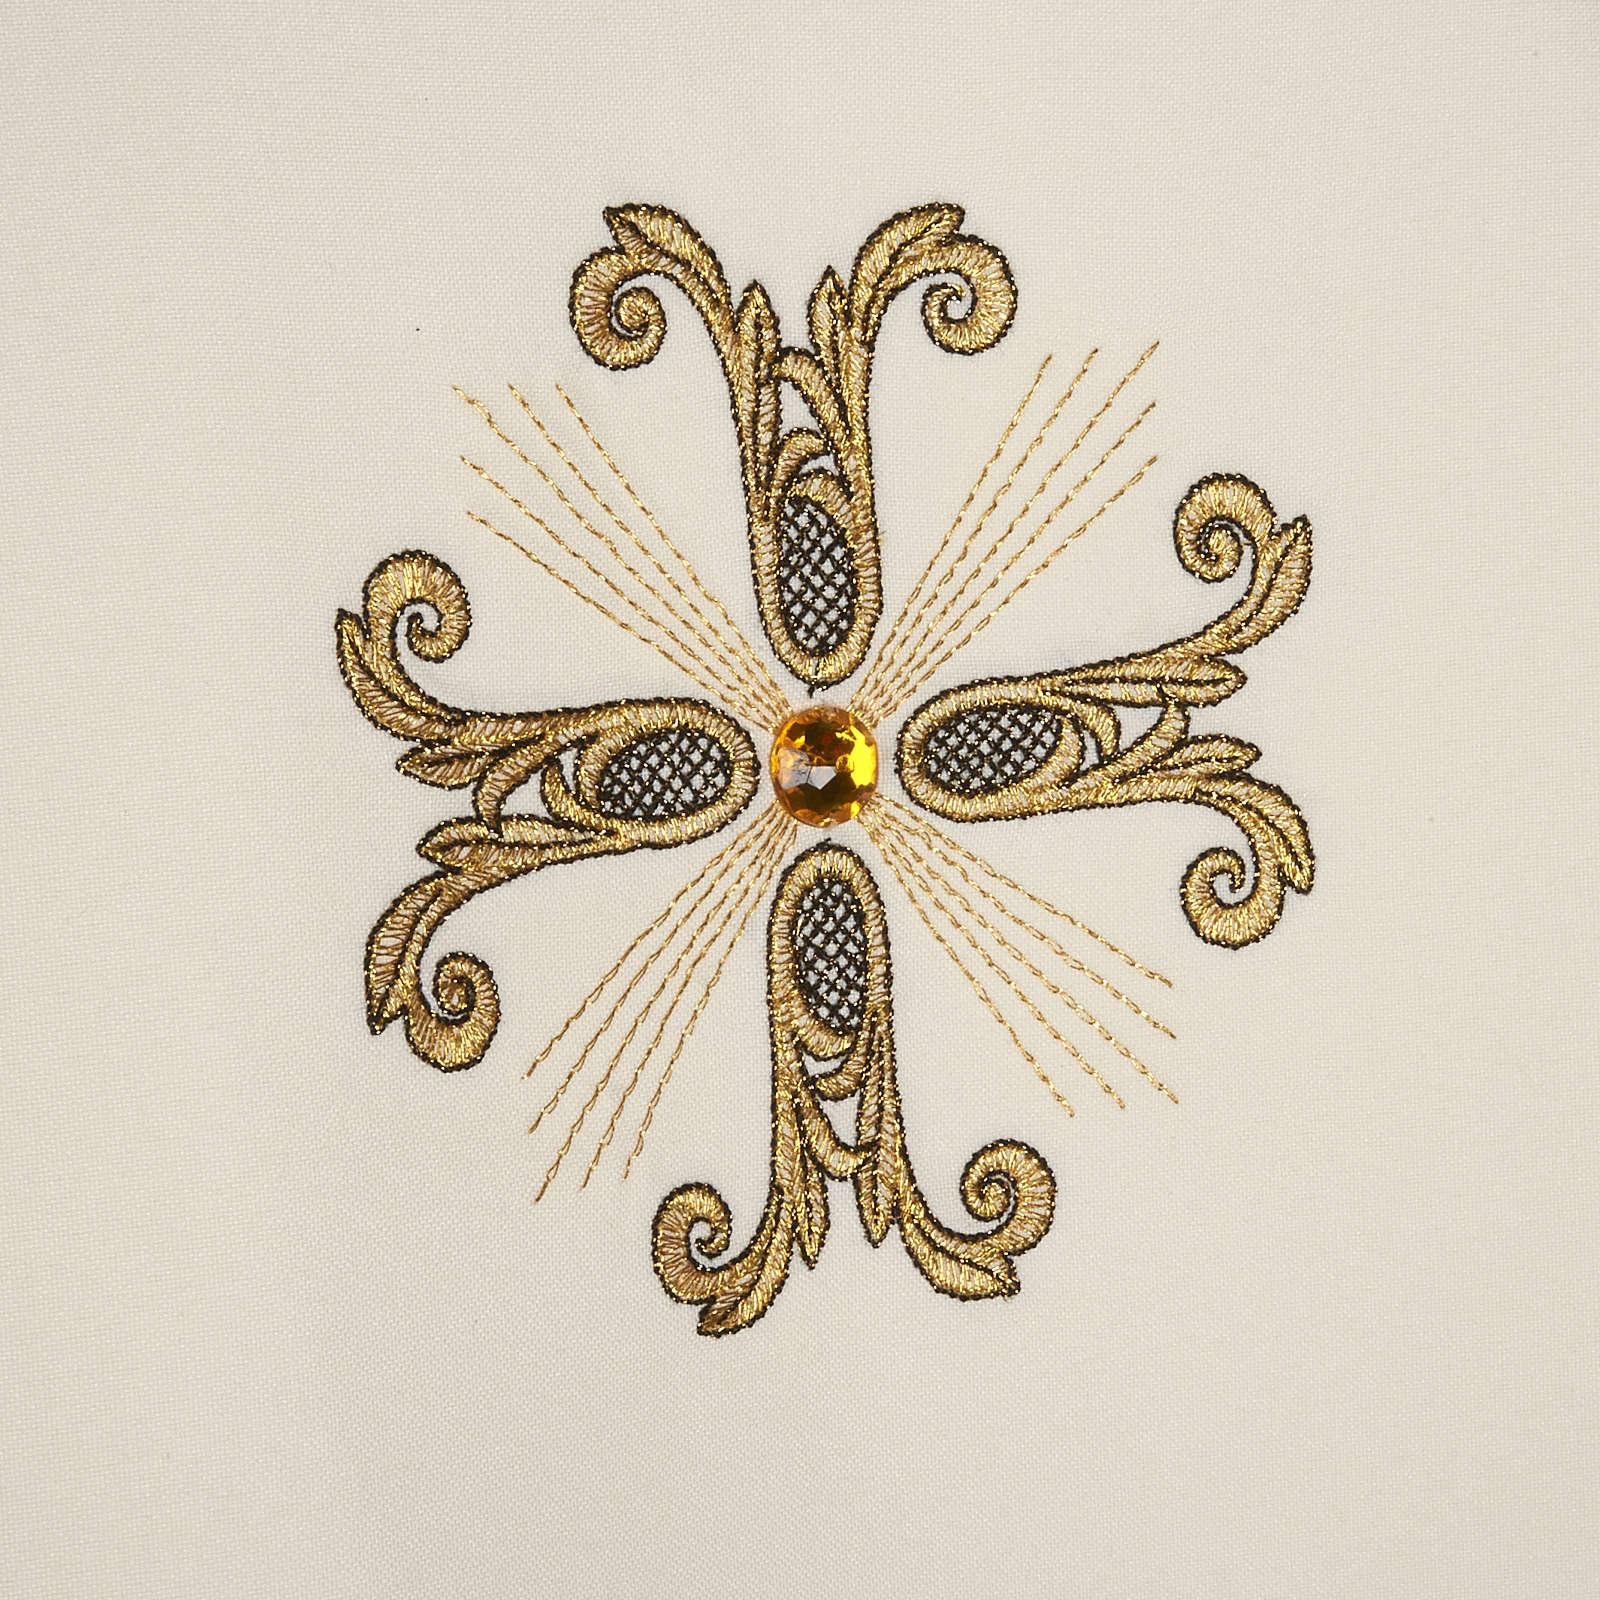 Piviale croci oro perline vetro 4